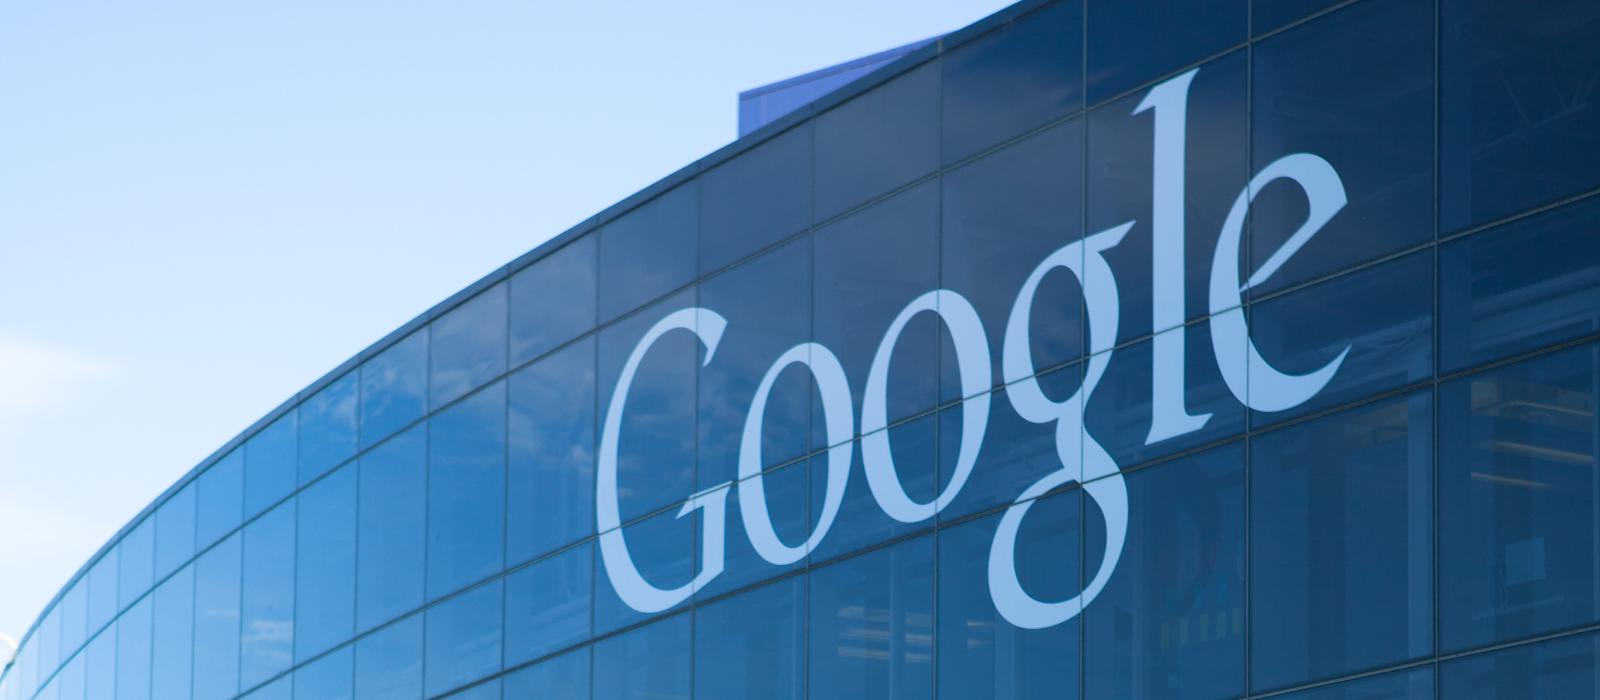 De 5 tips die Google haar managers stuurt over onboarding